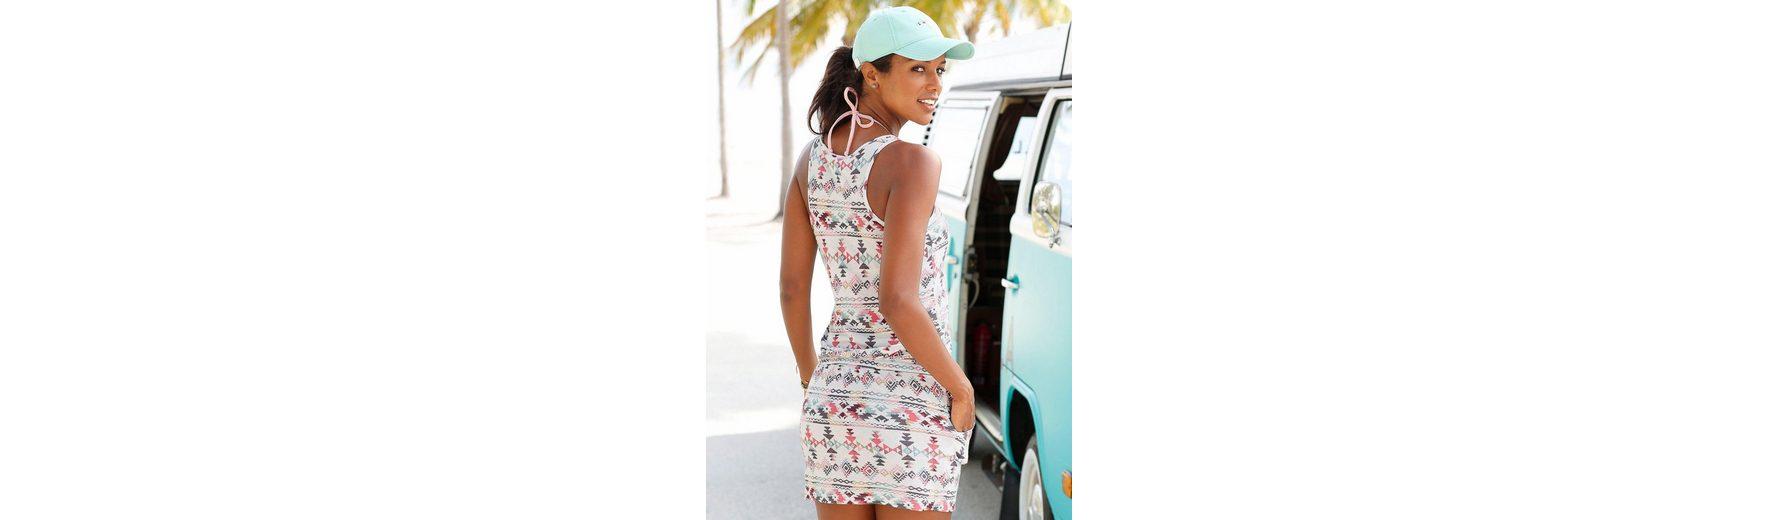 Spielraum Angebote Spielraum Neueste Venice Beach Strandkleid Speicher Mit Großem Rabatt Bester Günstiger Preis 5WKpt